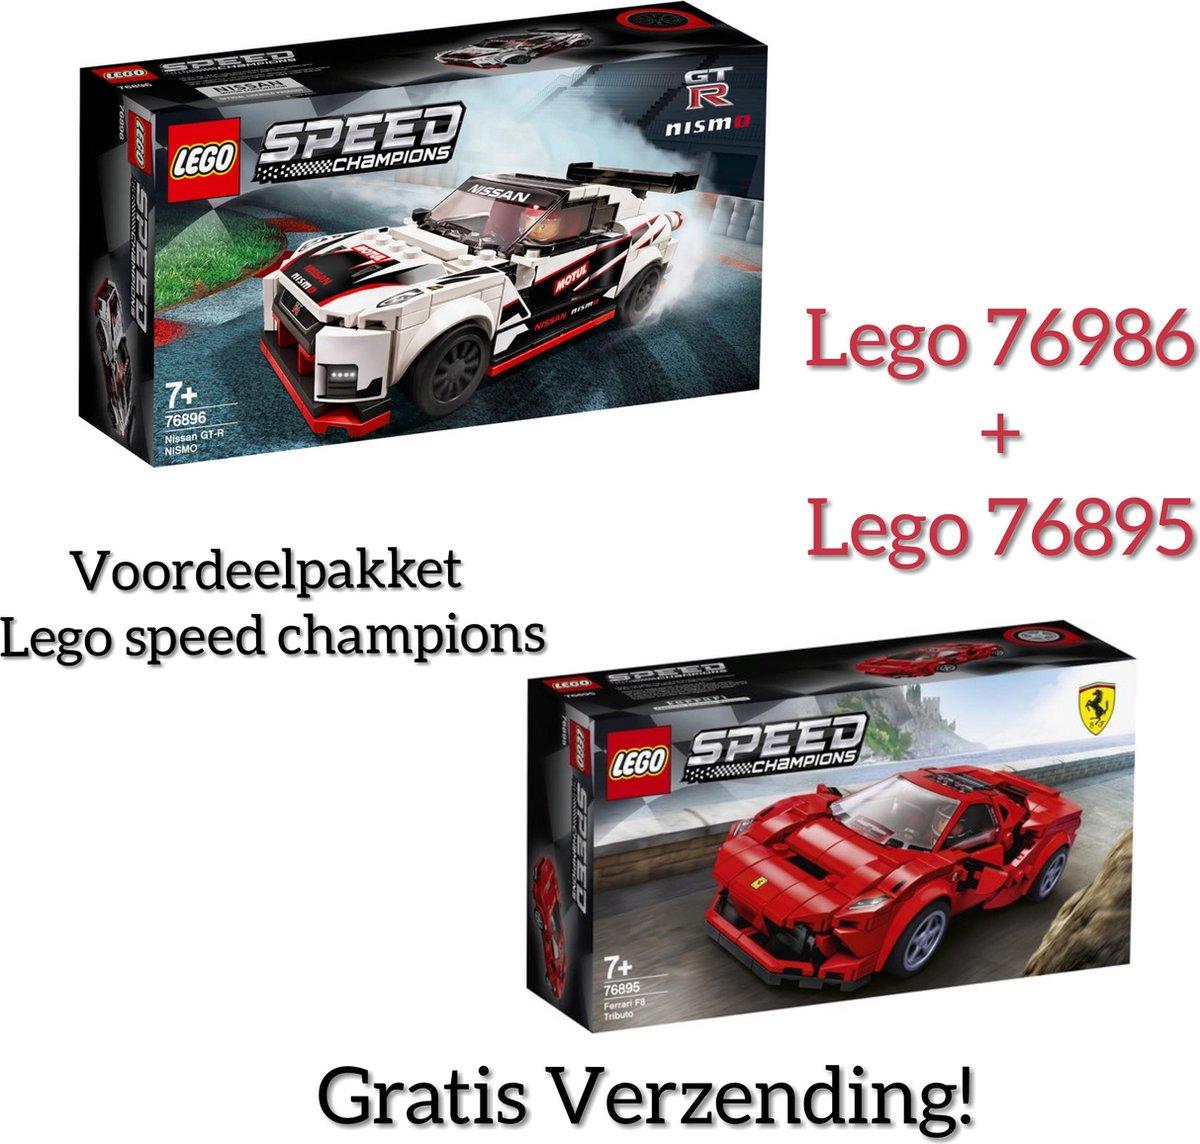 Voordeelpakket Lego Speed Champions / Lego 76896 + Lego 76895 (GRATIS VERZENDING)